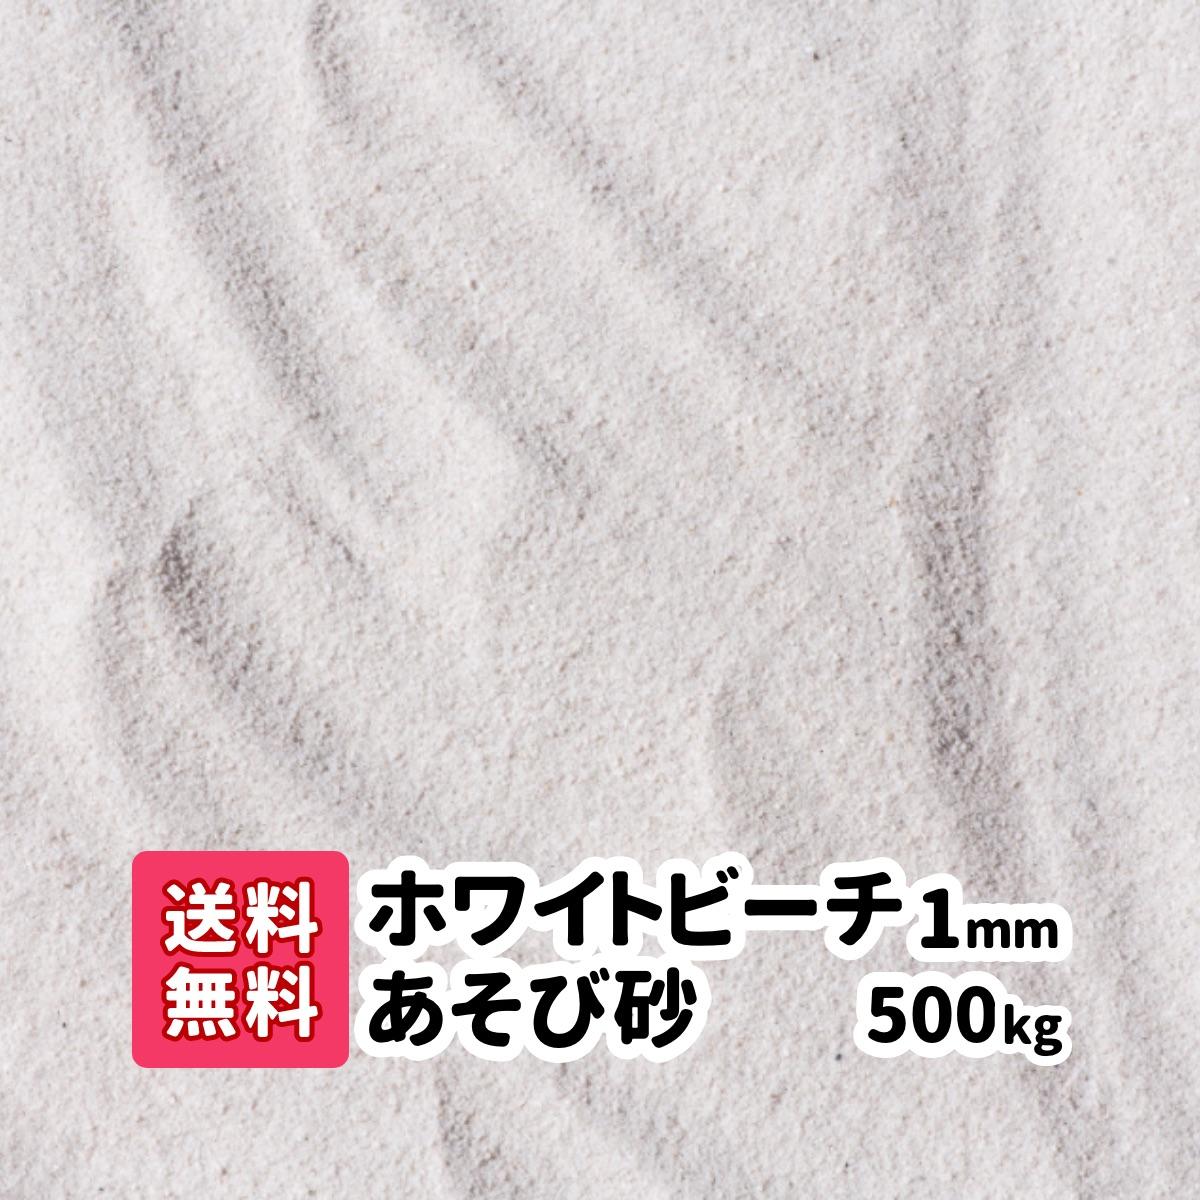 【送料無料】500kg ホワイトビーチ用遊び砂 1mm(20kg×25)砂遊び さらさらの砂 白い砂 子ども 放射線測定済み